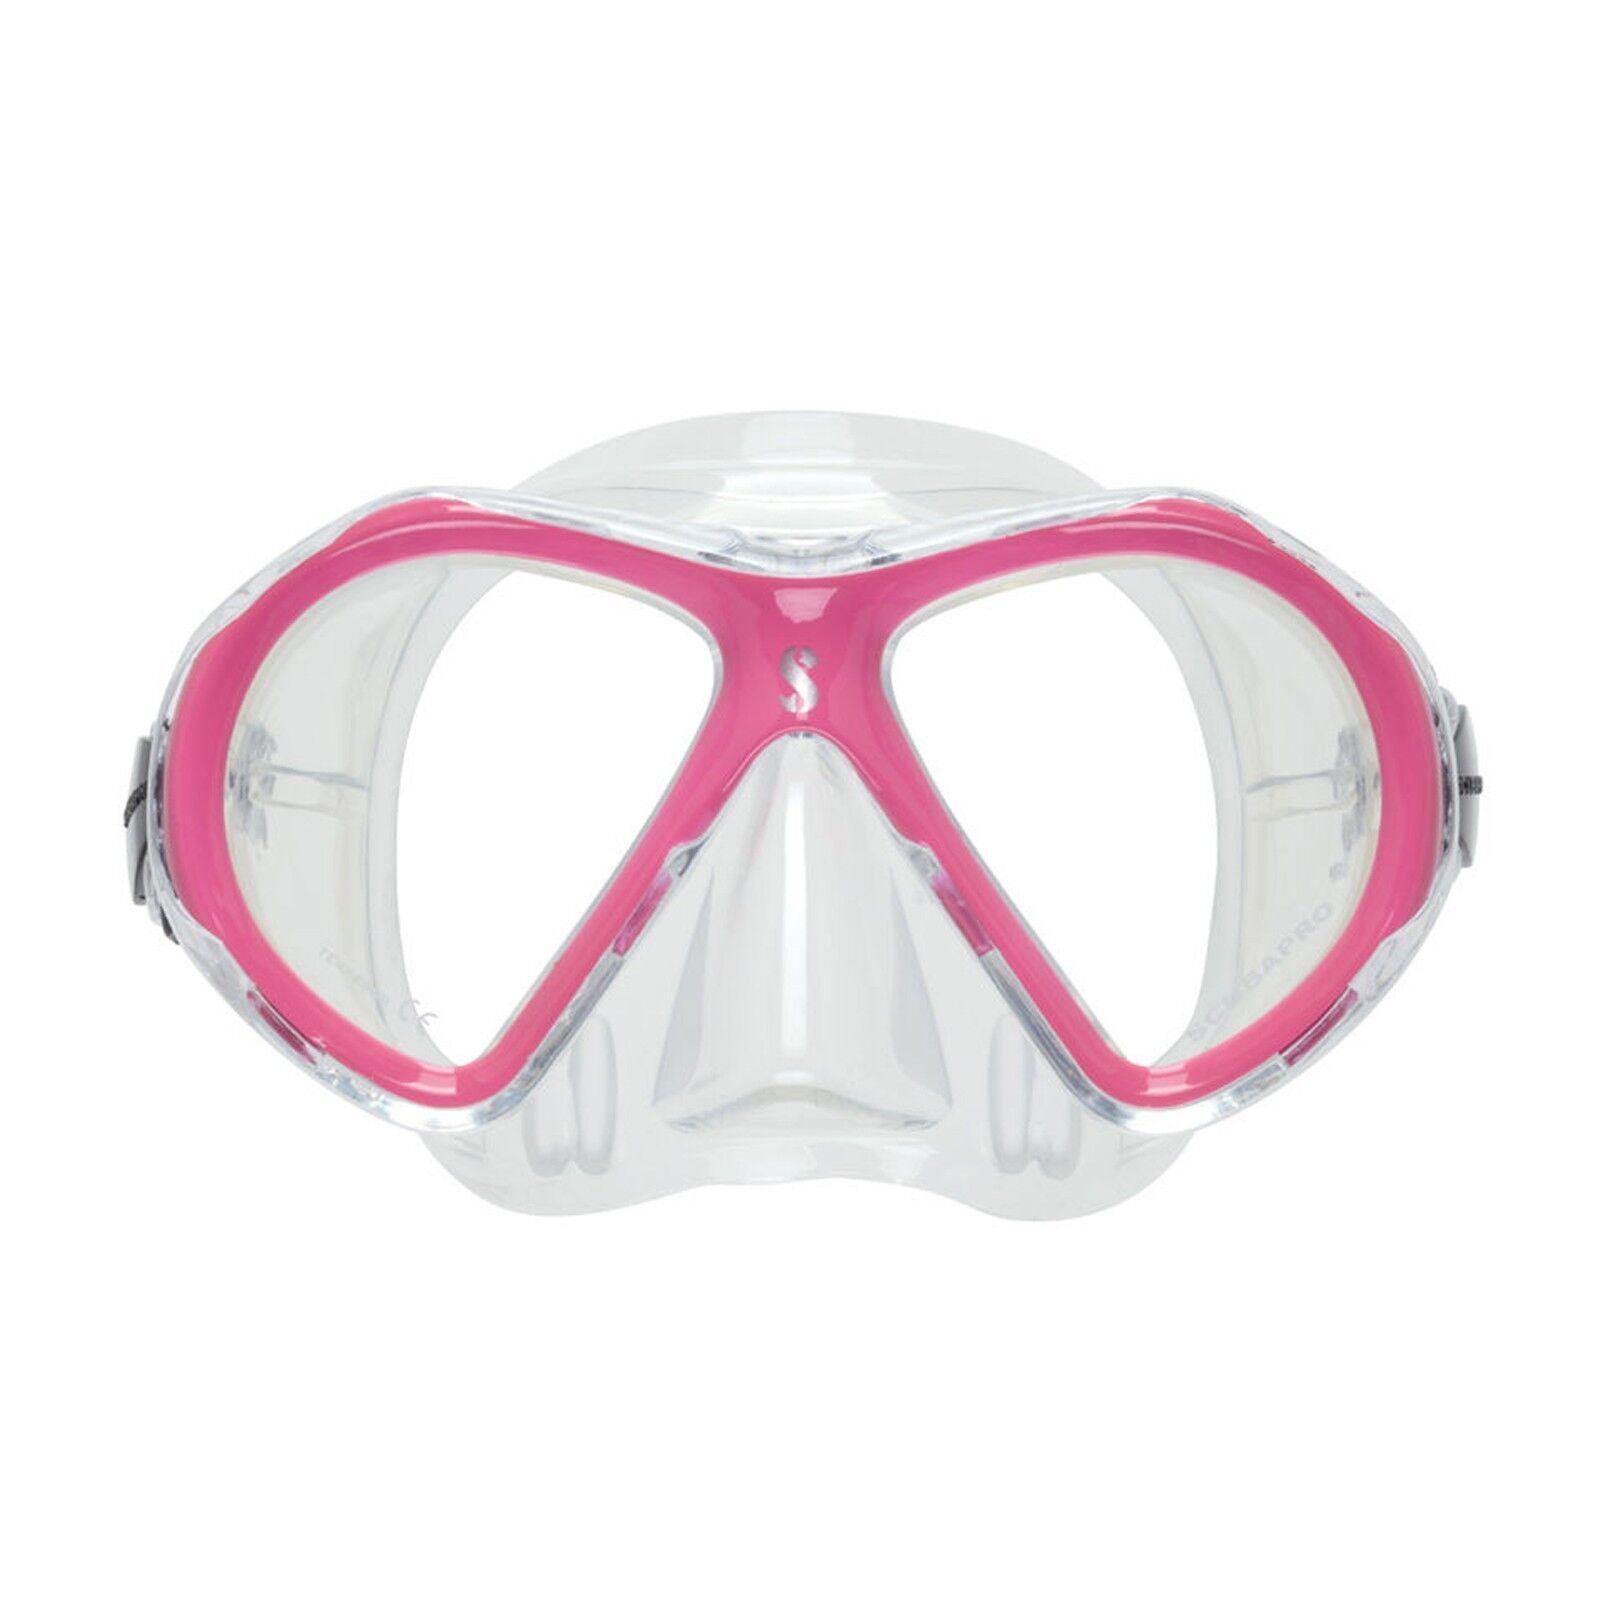 Scubapro Spectra Mini visages Masque de plongée pour étroit visages Mini ad1d88